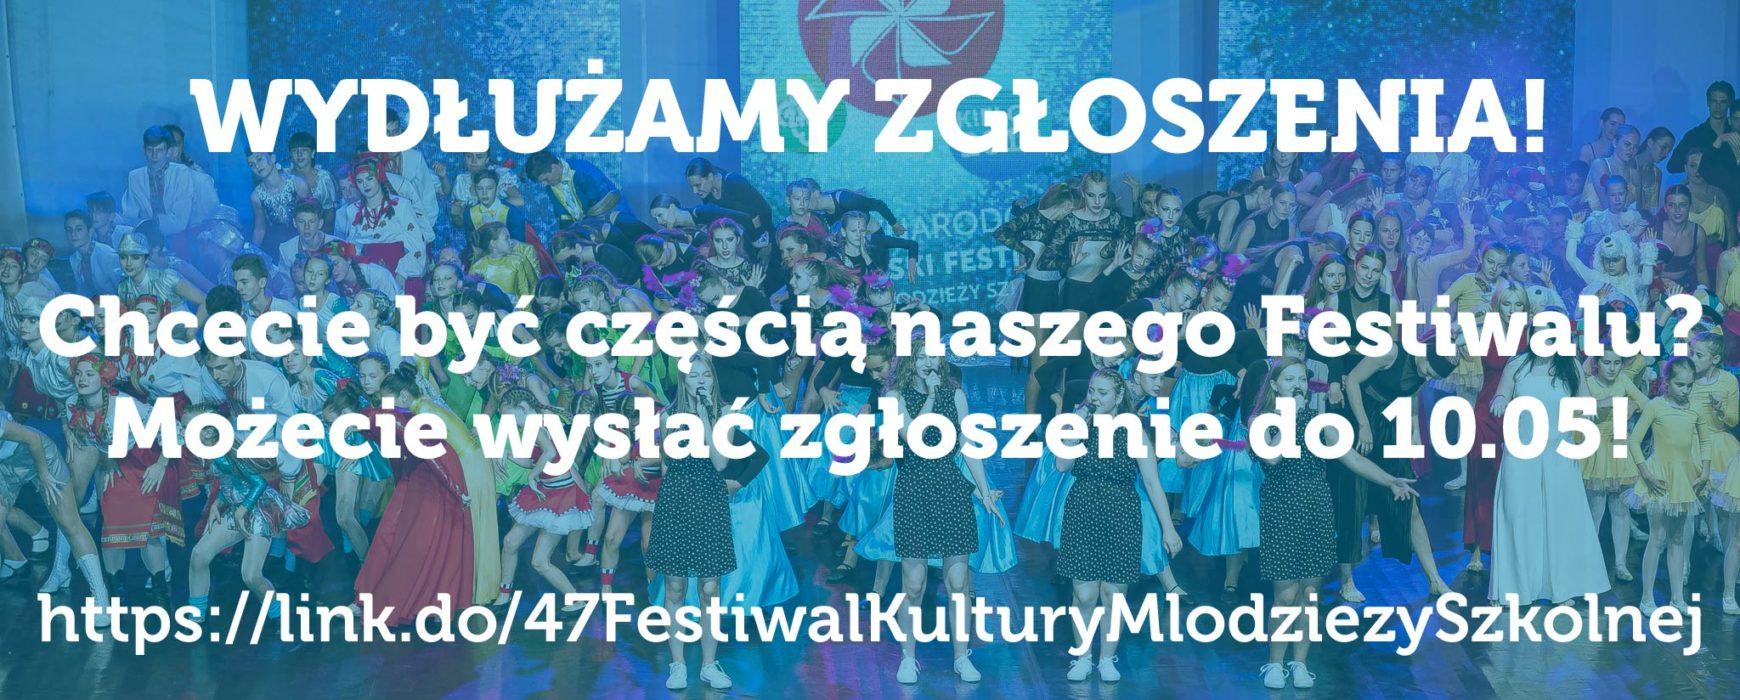 Wydłużamy zgłoszenia na Festiwal do 10.05!